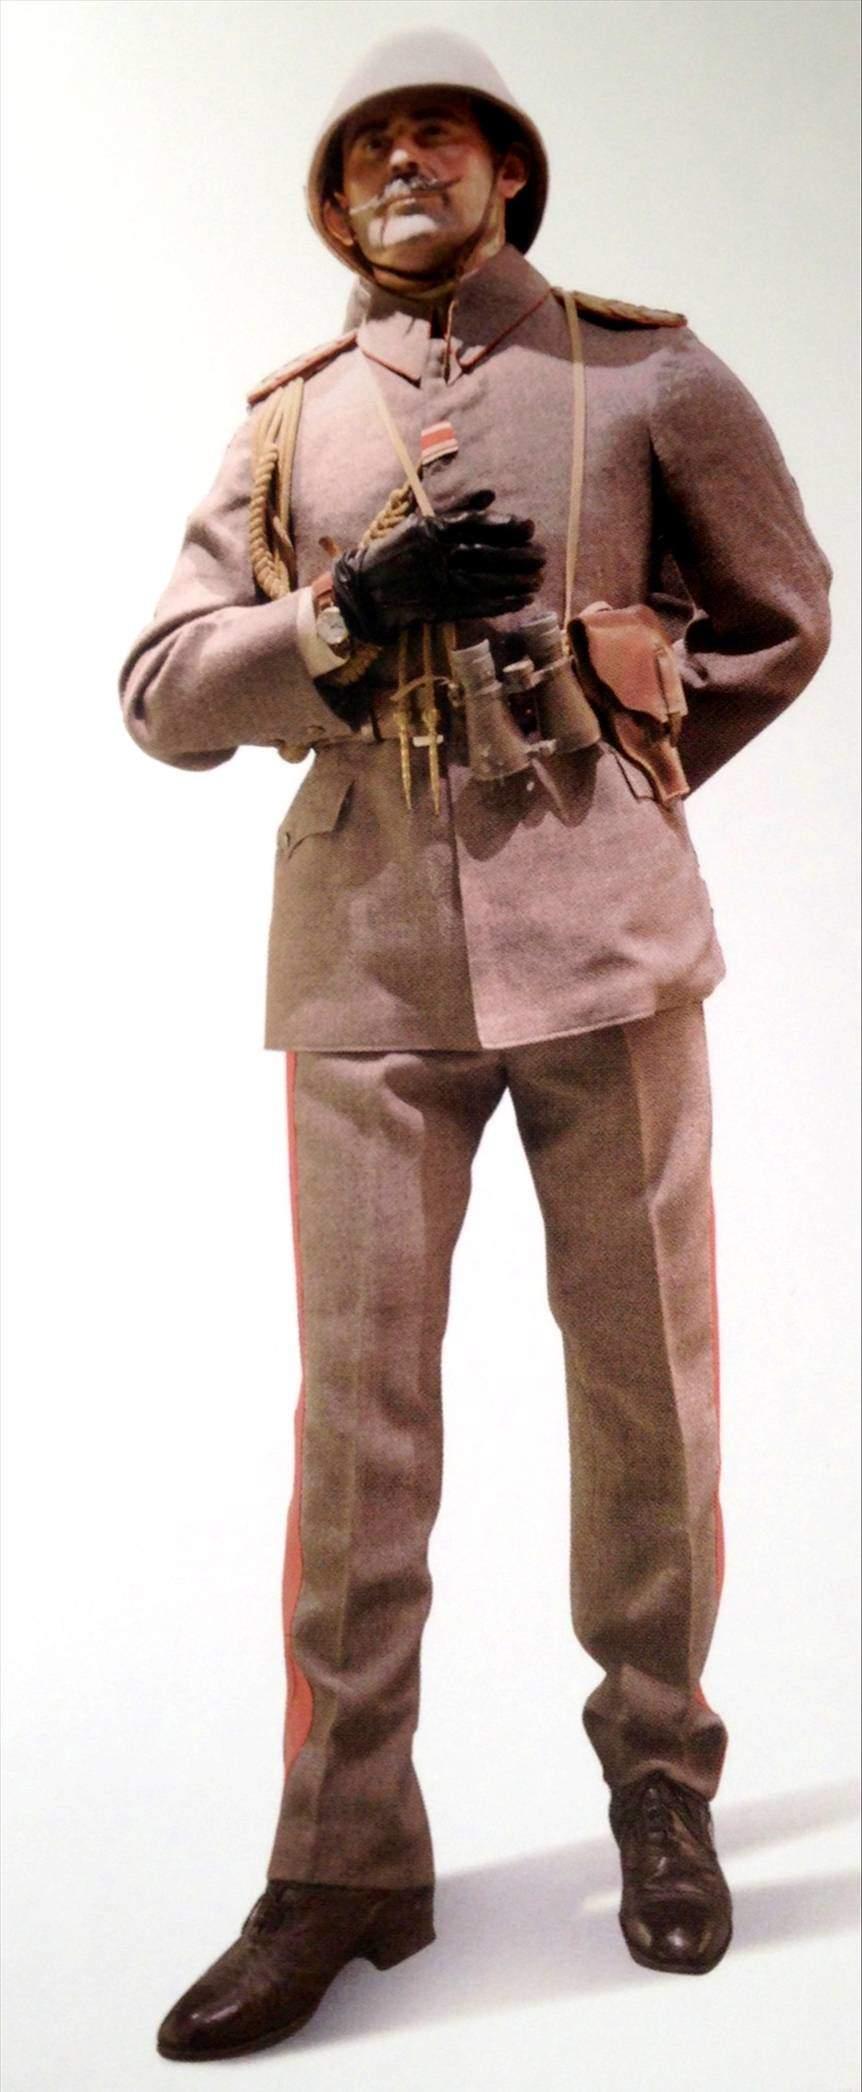 Enver Paşa'nın kendi üniforması, fizyonomisi ve duruşu ile kendisine benzetilmiş mankenin üzerinde.